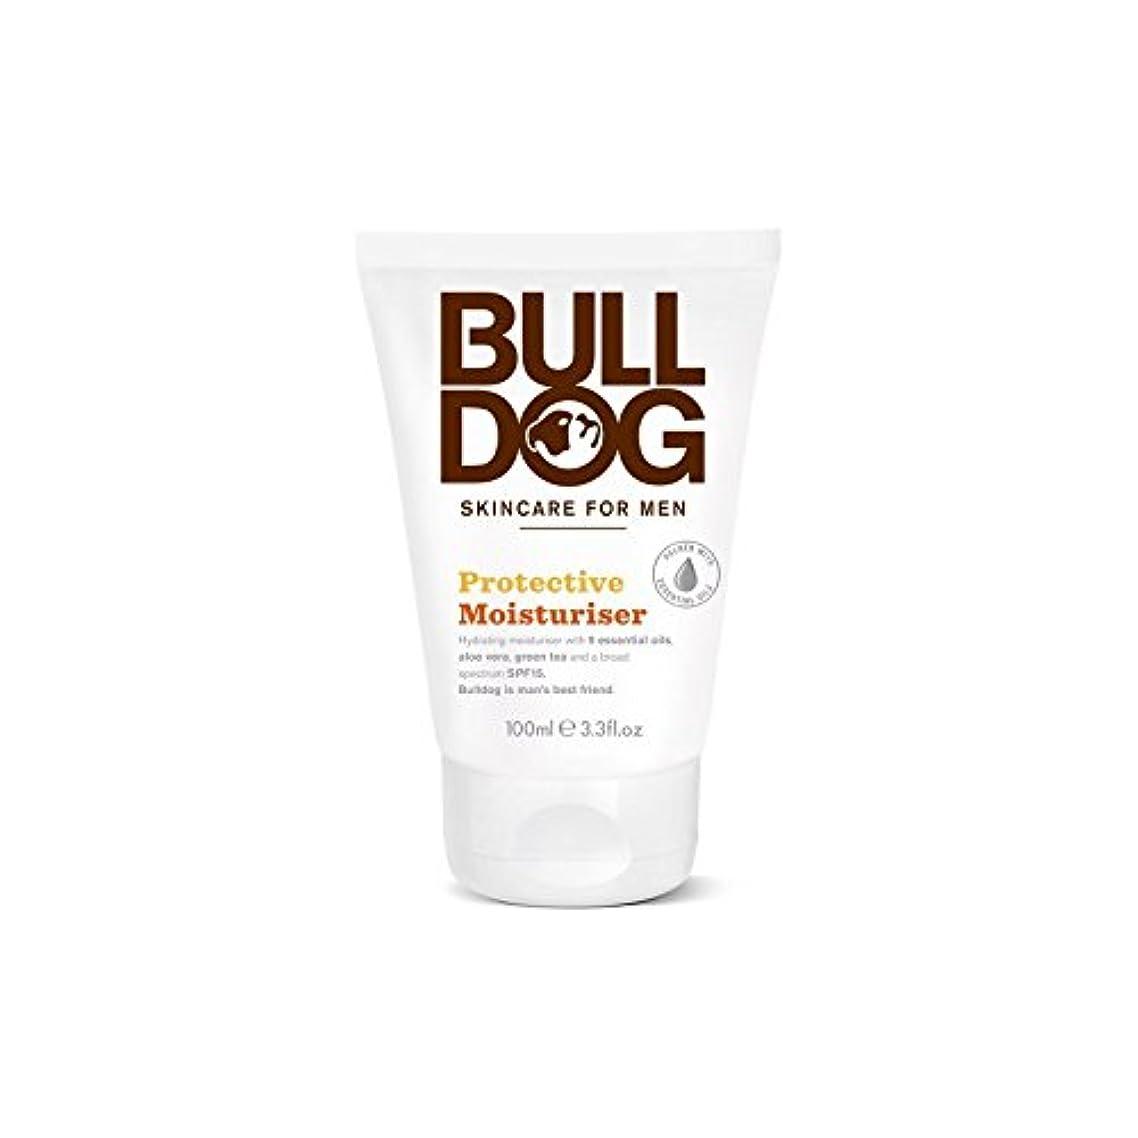 成功した調和のとれたご予約ブルドッグ保護保湿成分(100ミリリットル) x4 - Bulldog Protective Moisturiser (100ml) (Pack of 4) [並行輸入品]